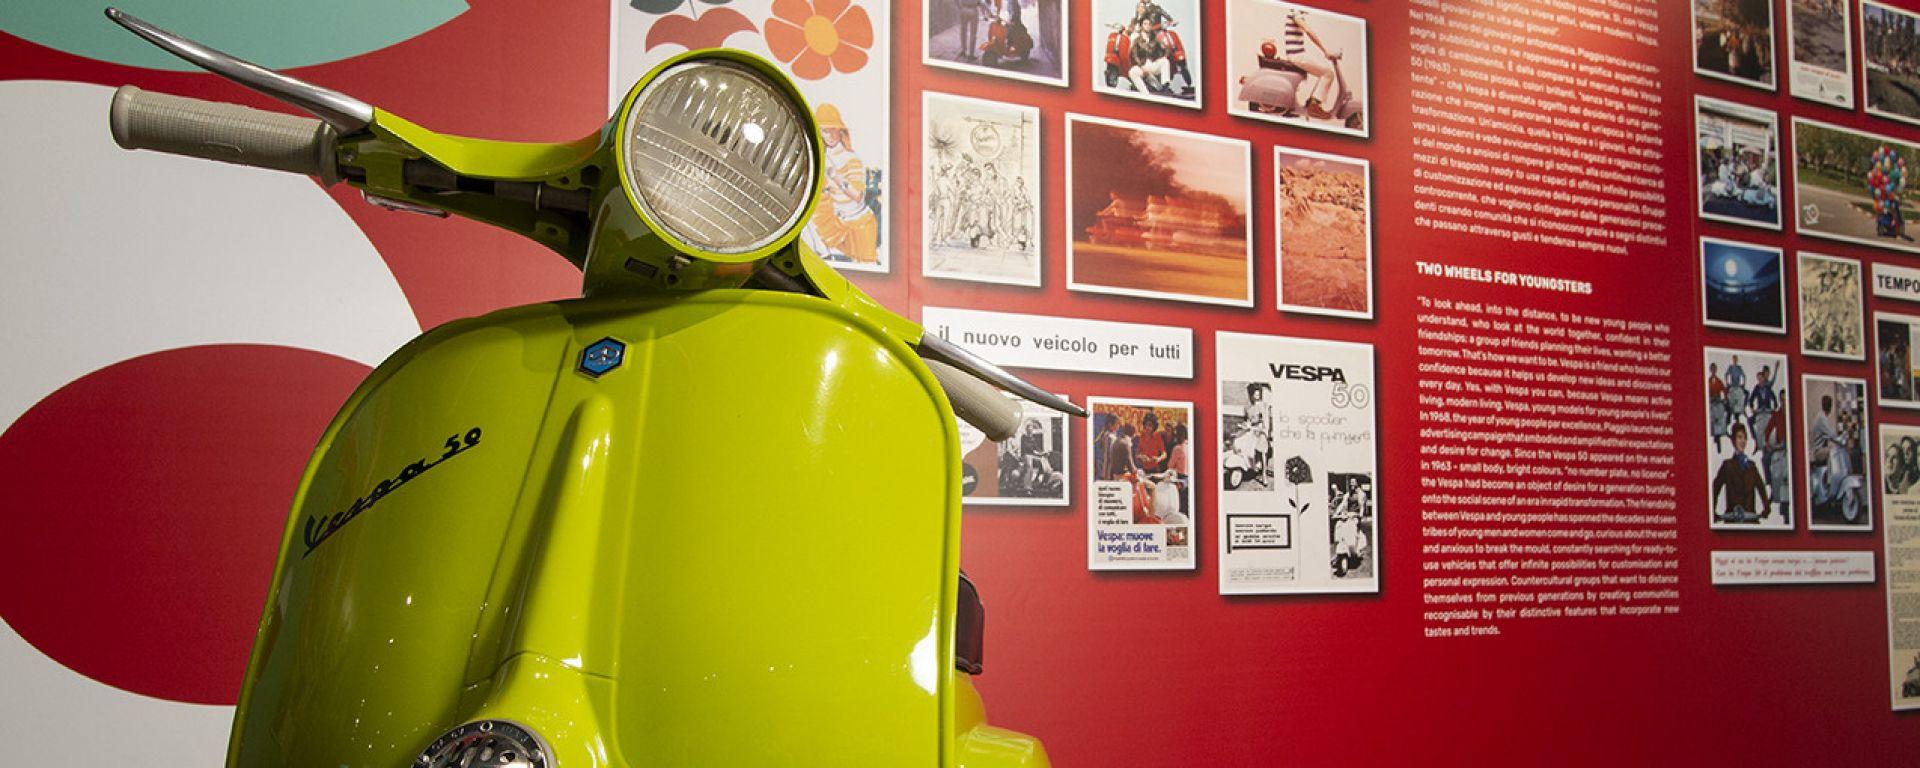 Il Museo Piaggio ospita la mostra per i 75 anni di Vespa